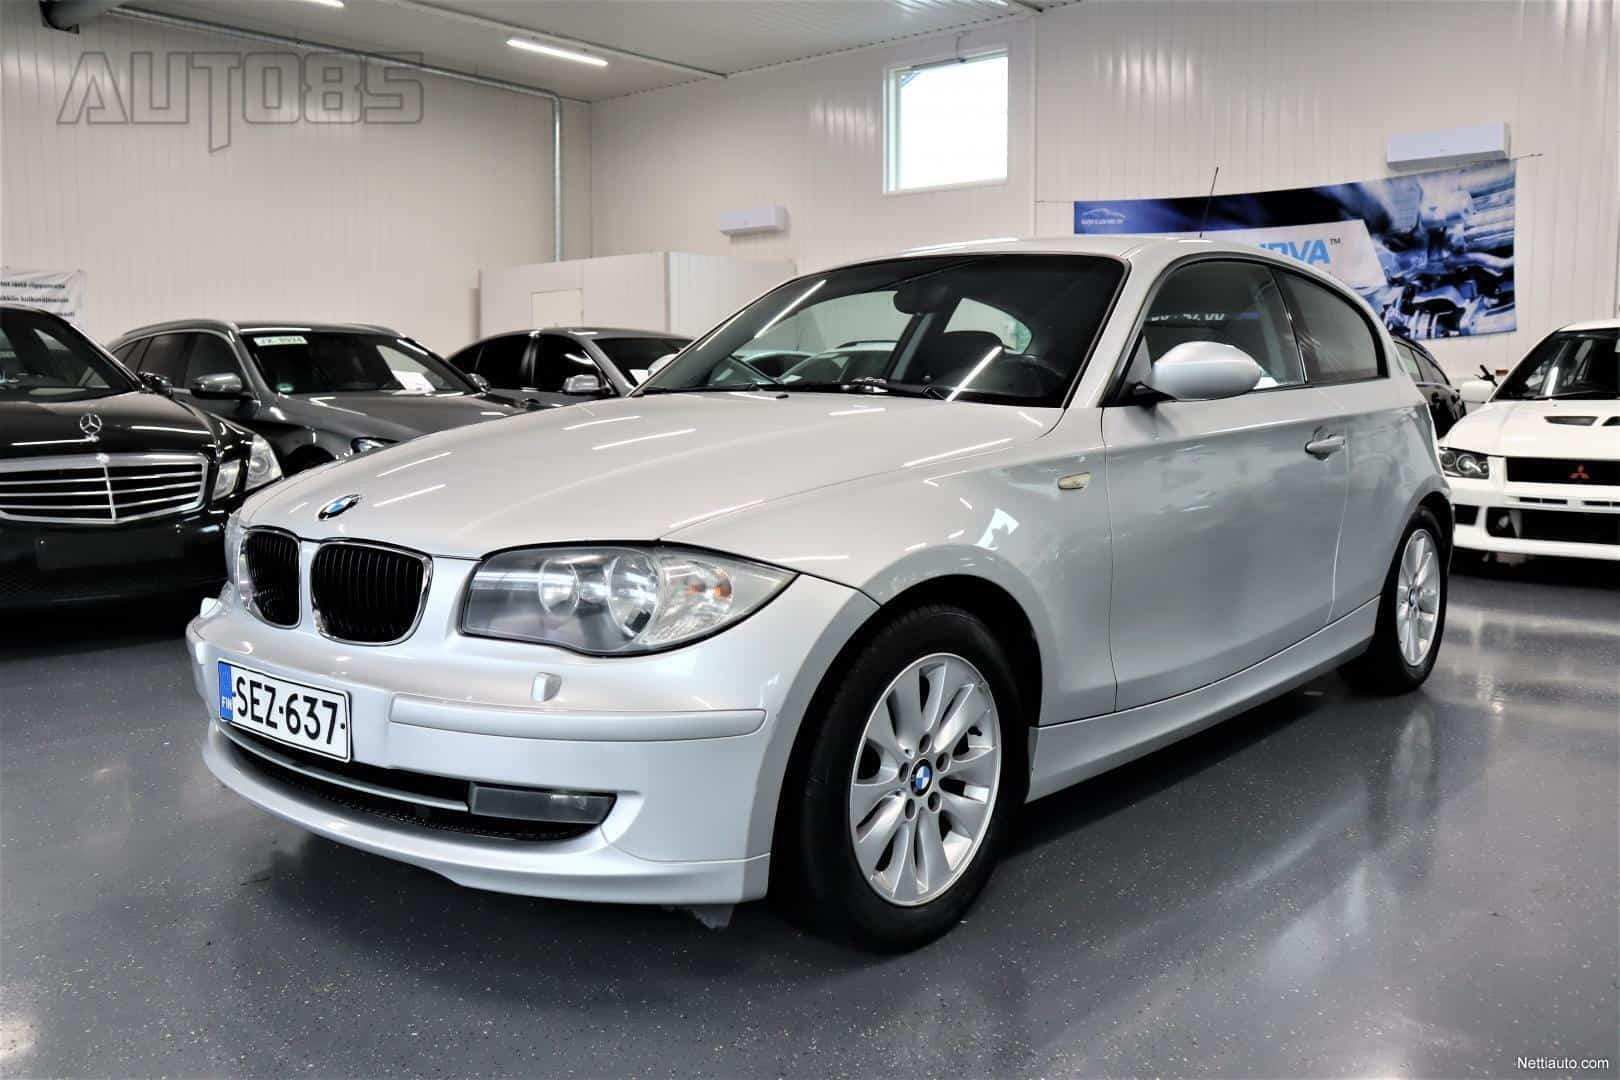 BMW 116 i 3d * RAHOITUS VAIKKA MAKSUHÄIRIÖ MAHDOLLINEN * JUURI HUOLLETTU * 2x RENKAAT * 2x AVAIN * PERUS KÄYTTIS HUOKEASTI